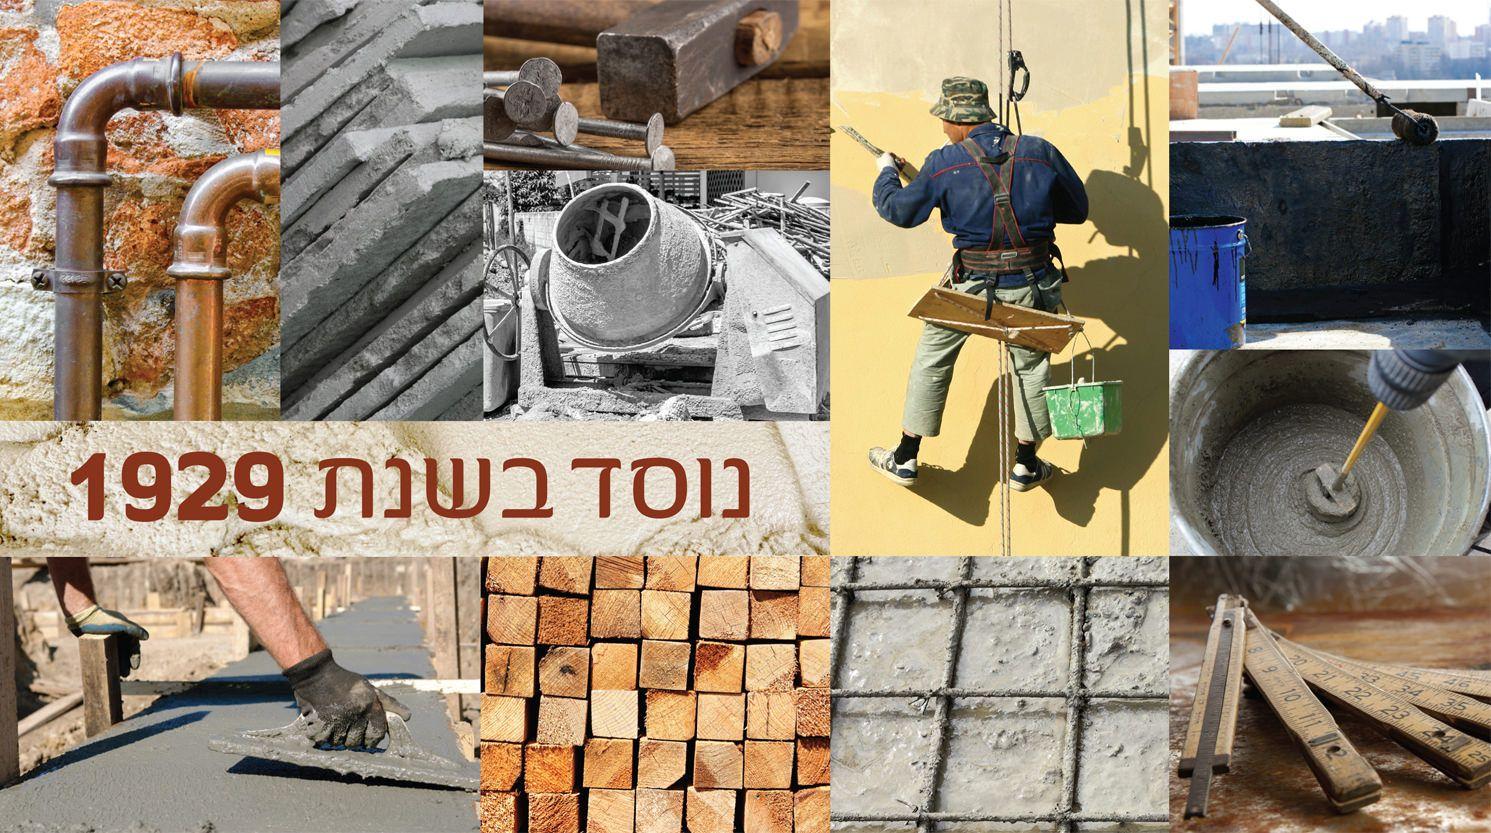 חומרי בניין ציוד ופתרונות בנייה